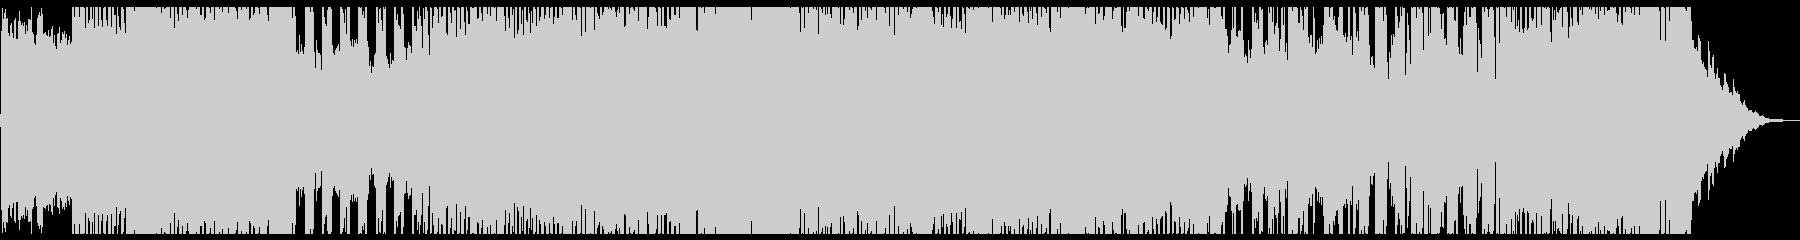 ポジティブなポップロック2の未再生の波形